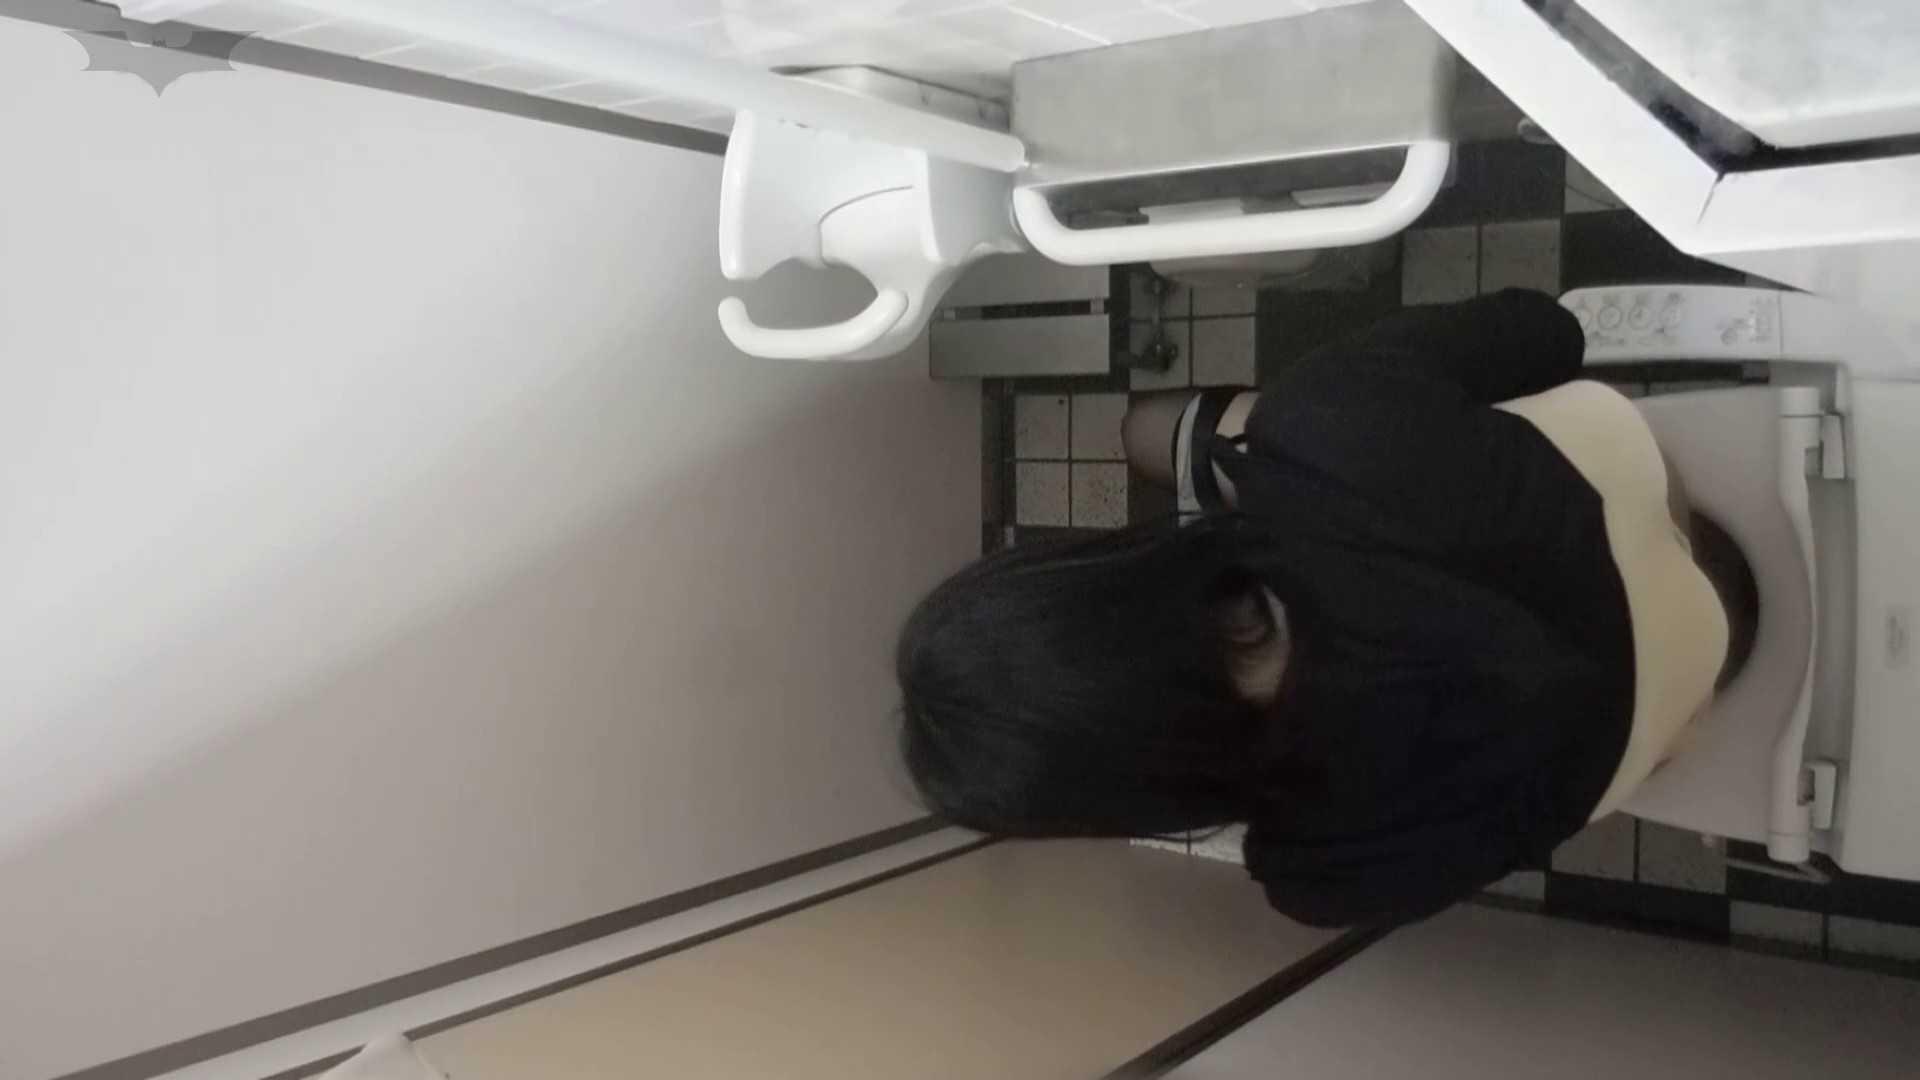 化粧室絵巻 駅舎編 VOL.20 今回は・・・ファッ!! いやらしいOL  93連発 36